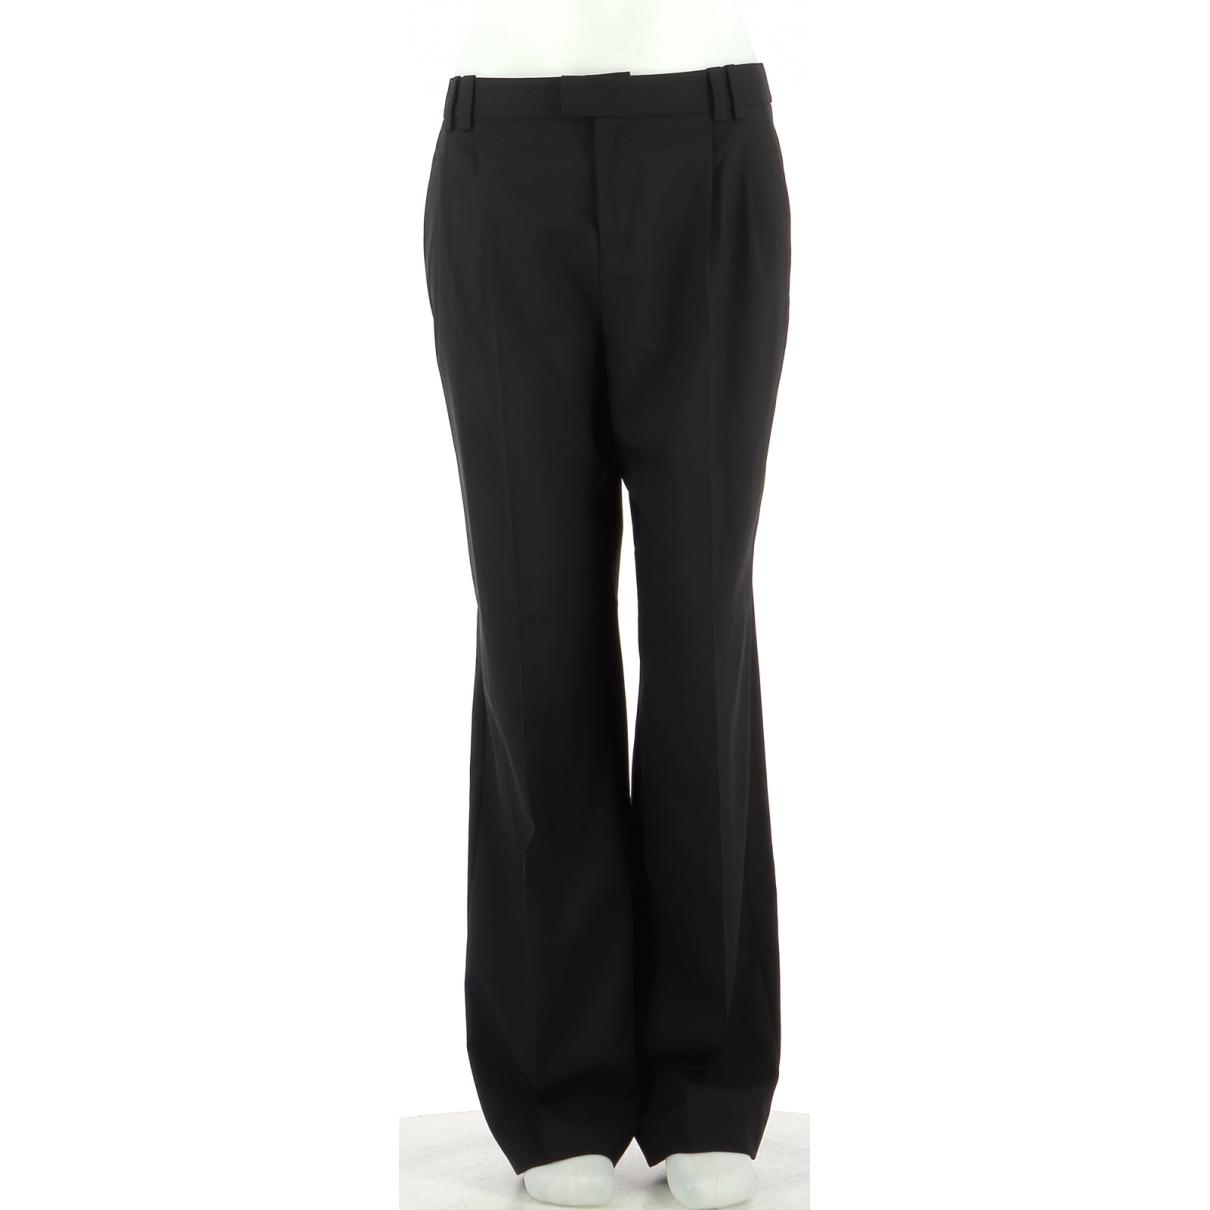 Pantalon de Lana Comptoir Des Cotonniers